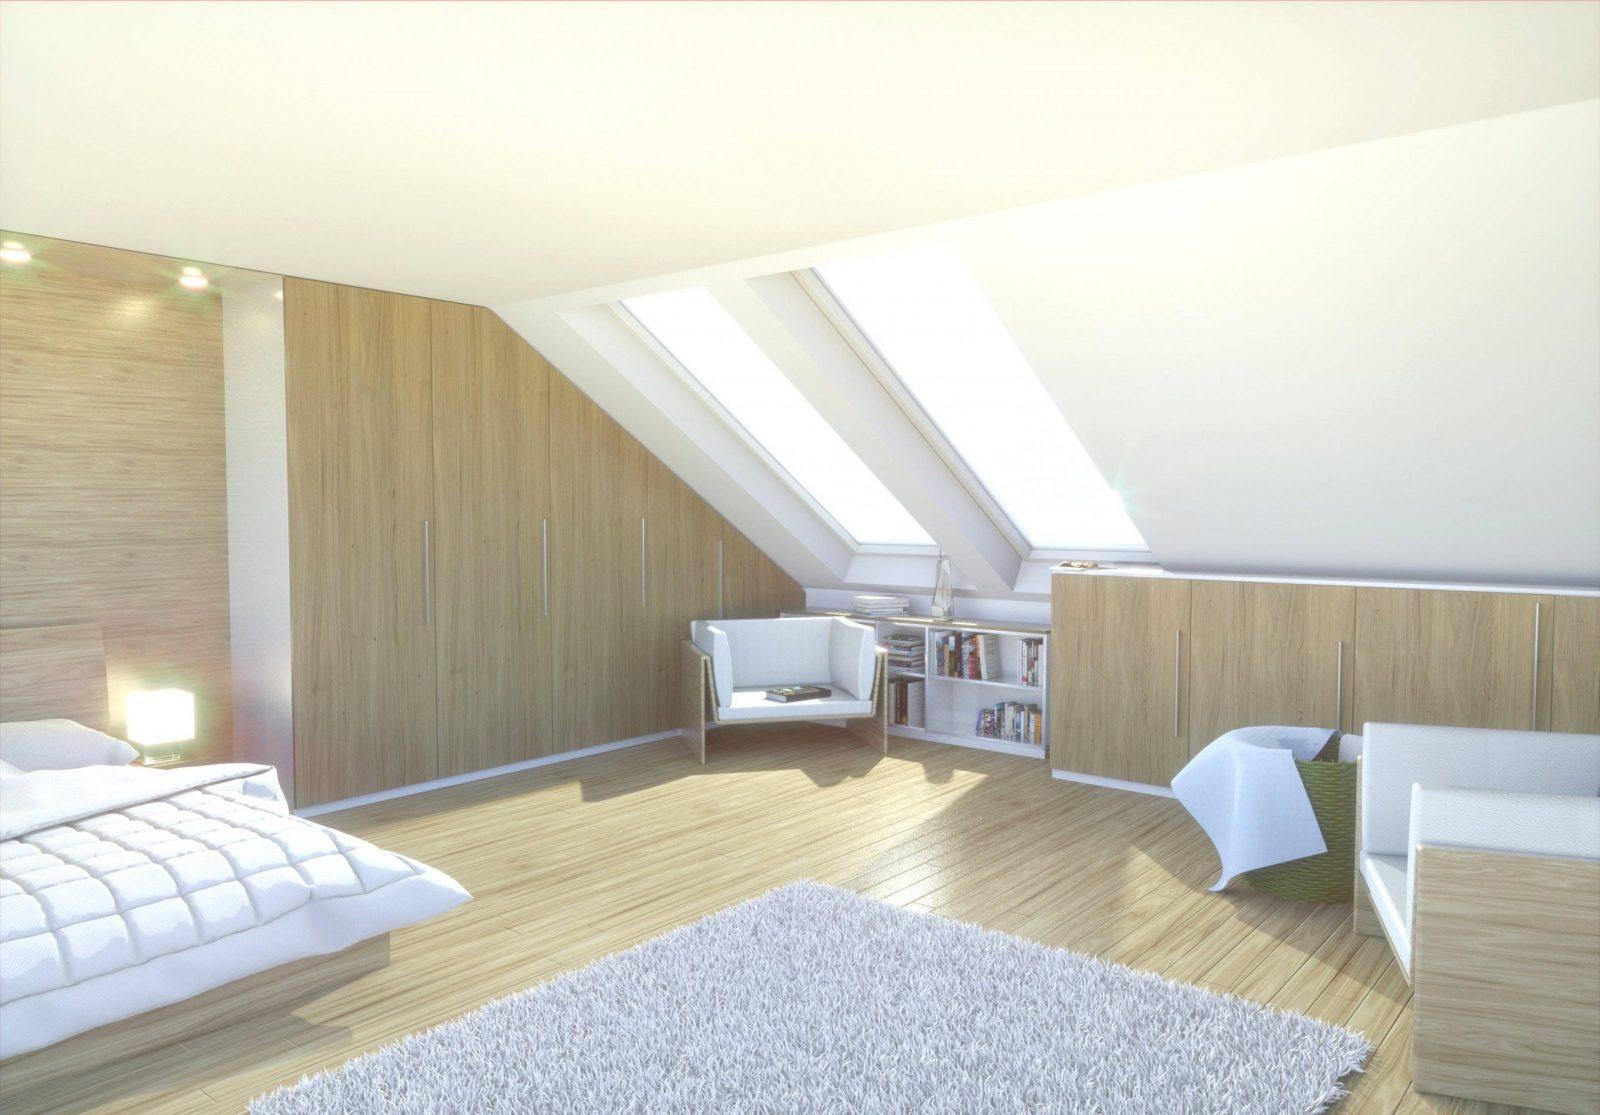 beste deko schr ge wand galerie hauptinnenideen kakados. Black Bedroom Furniture Sets. Home Design Ideas